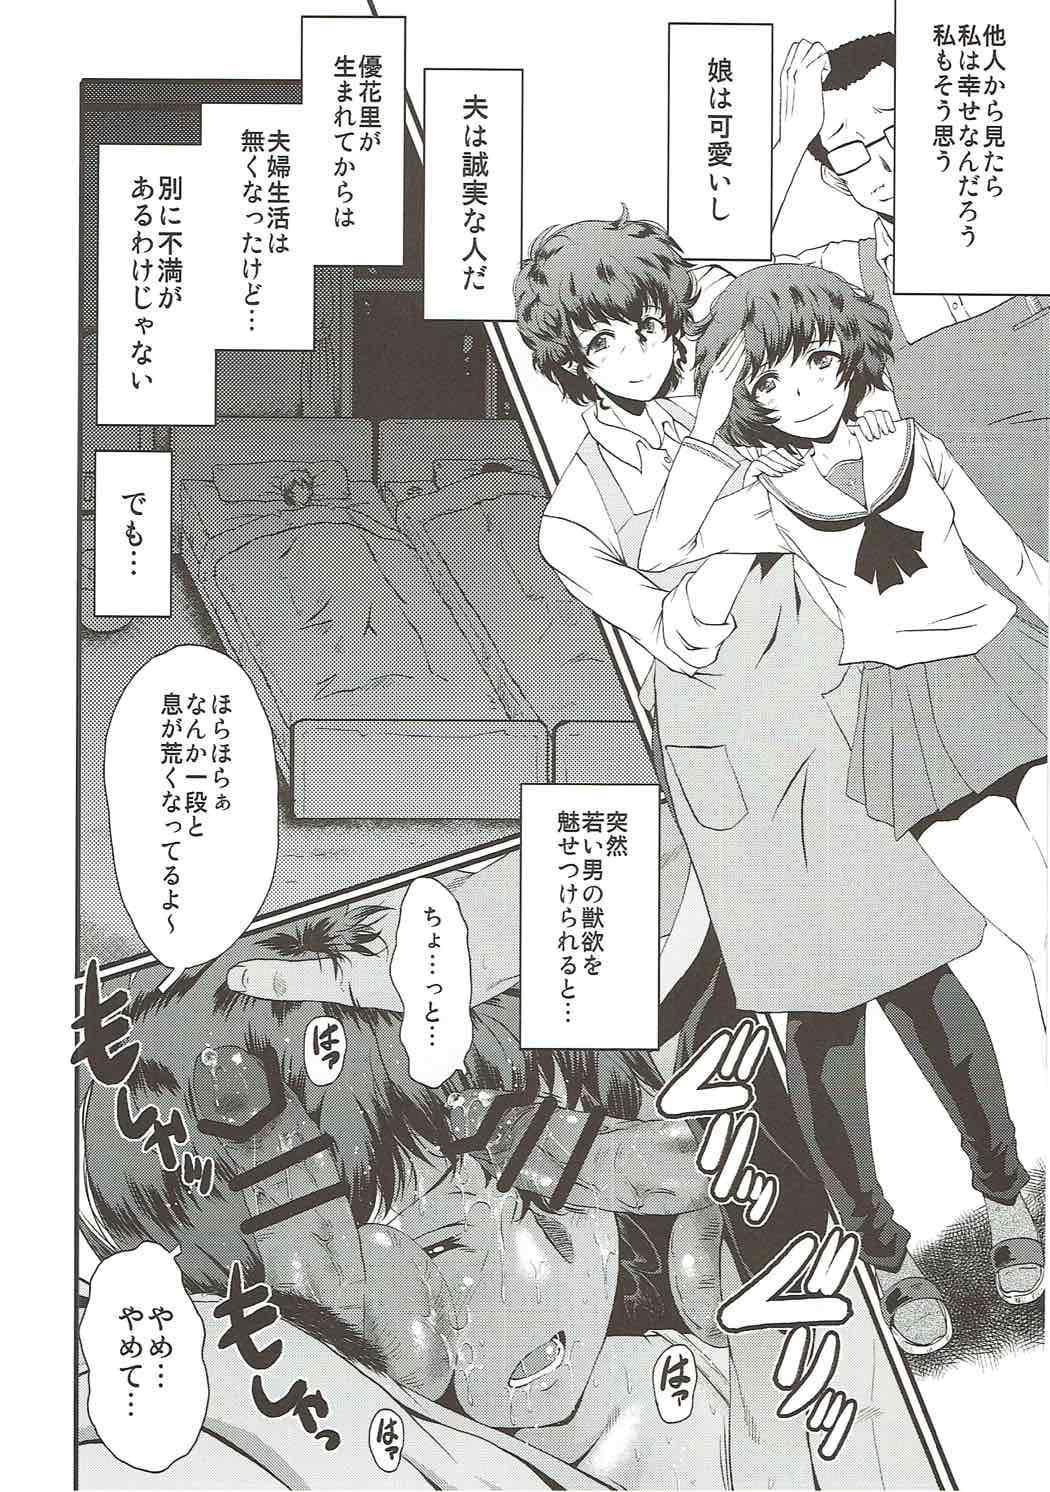 Urabambi 54 Oku-san, Chotto Ii desu ka? 6